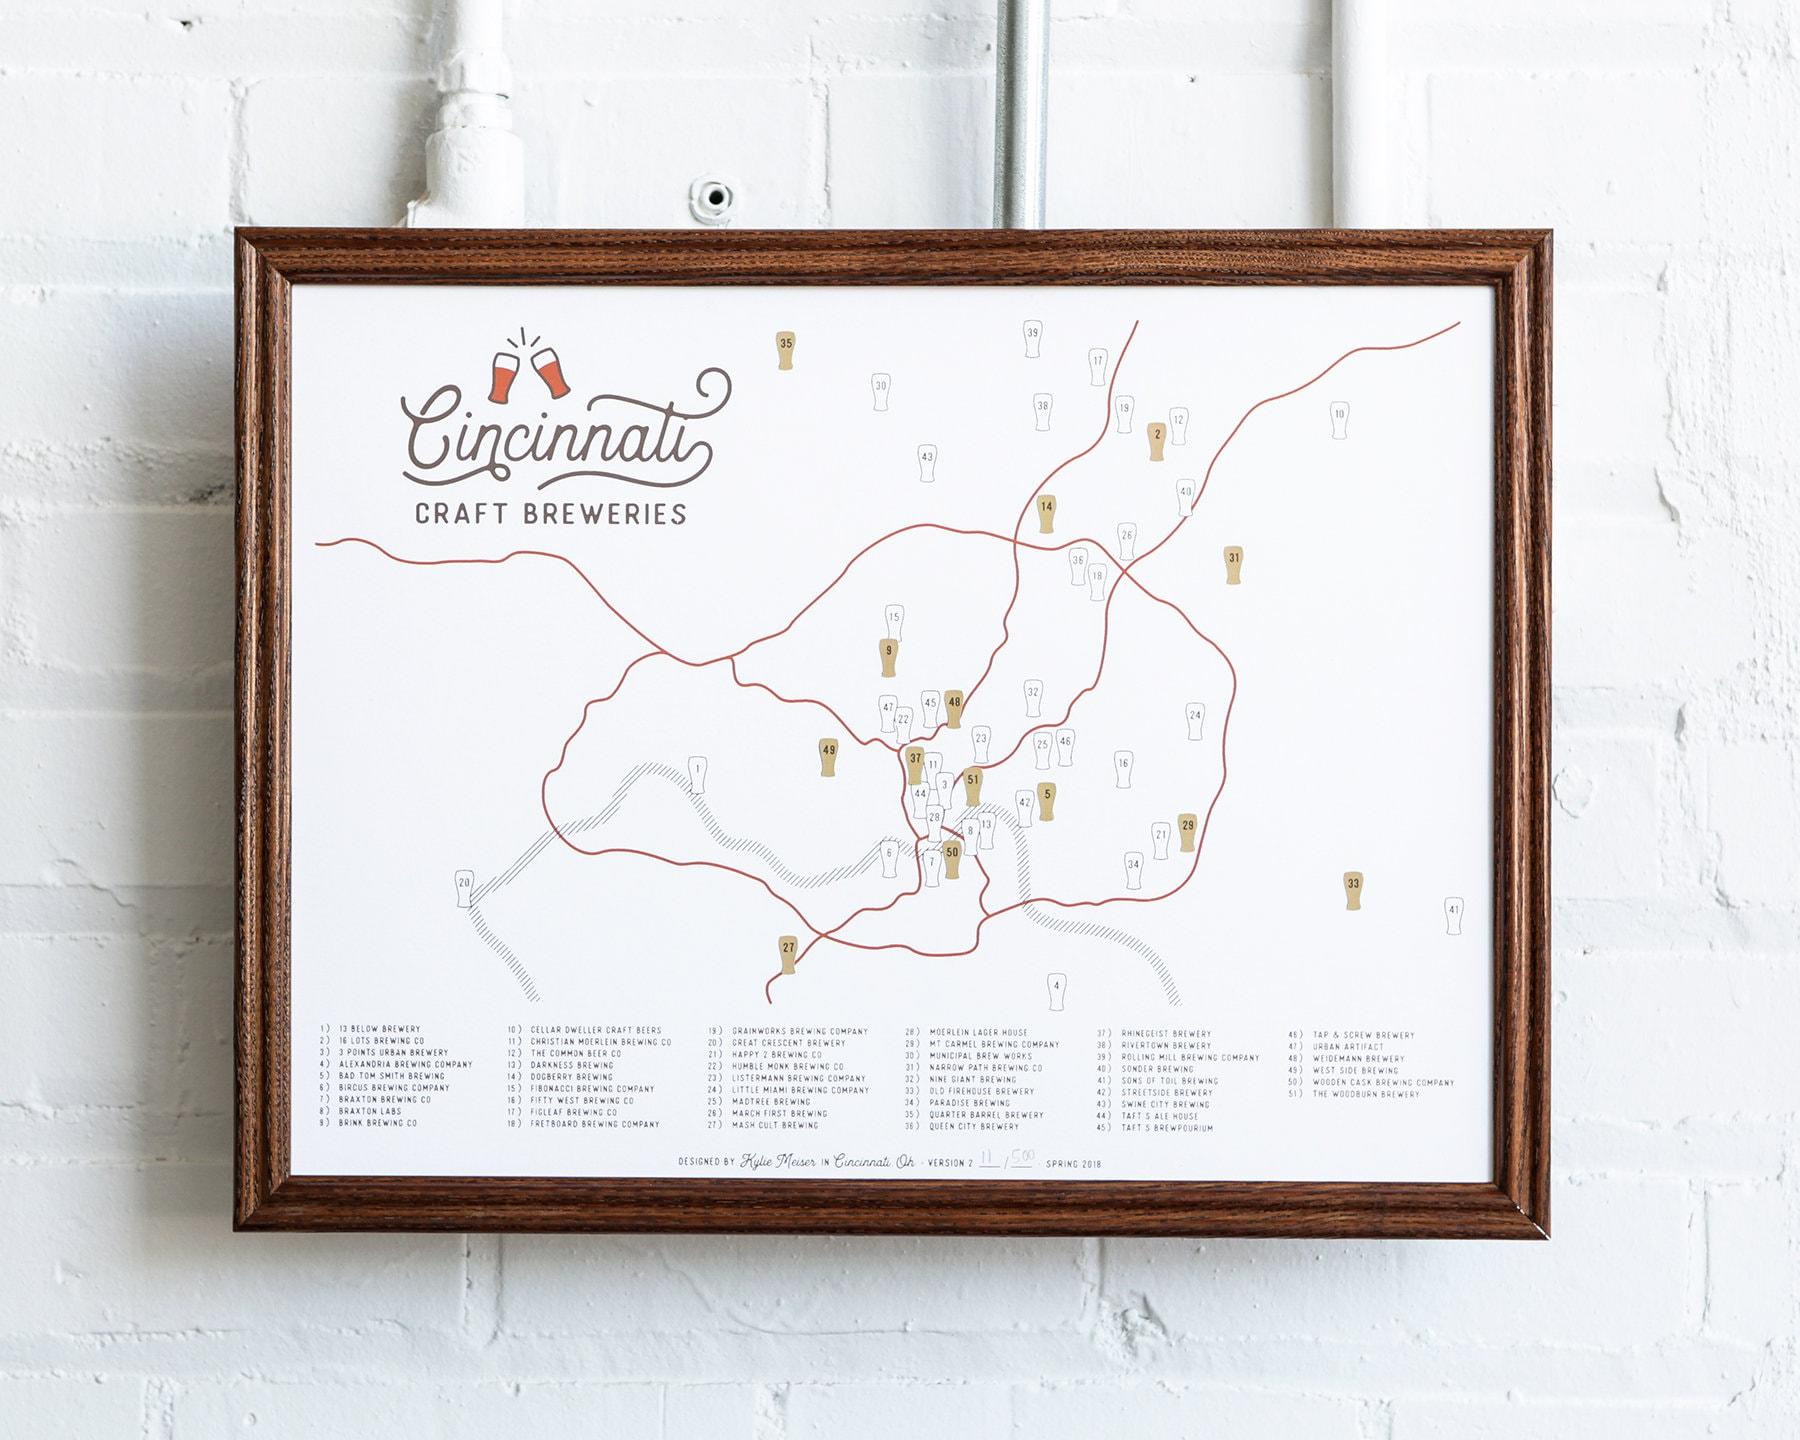 Cincinnati Craft Breweries Sticker Map / VERSION 2   Etsy on